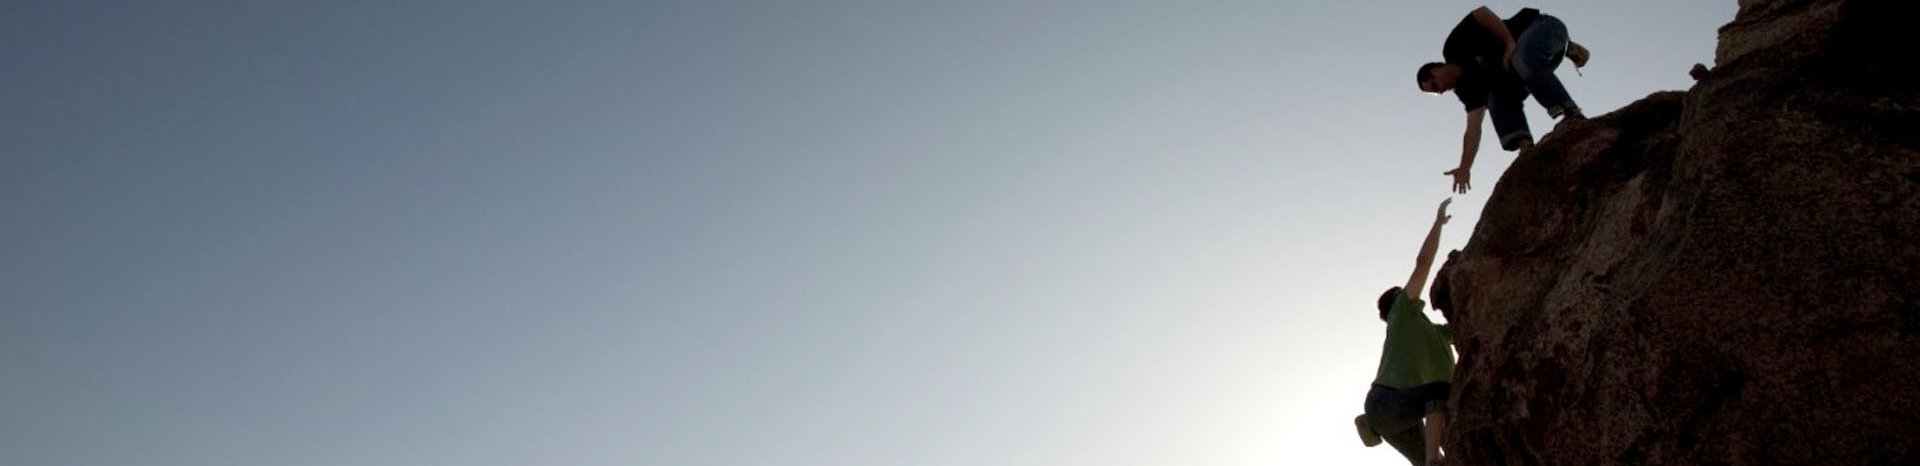 Gratis hulp bij letselschade van LetselPro